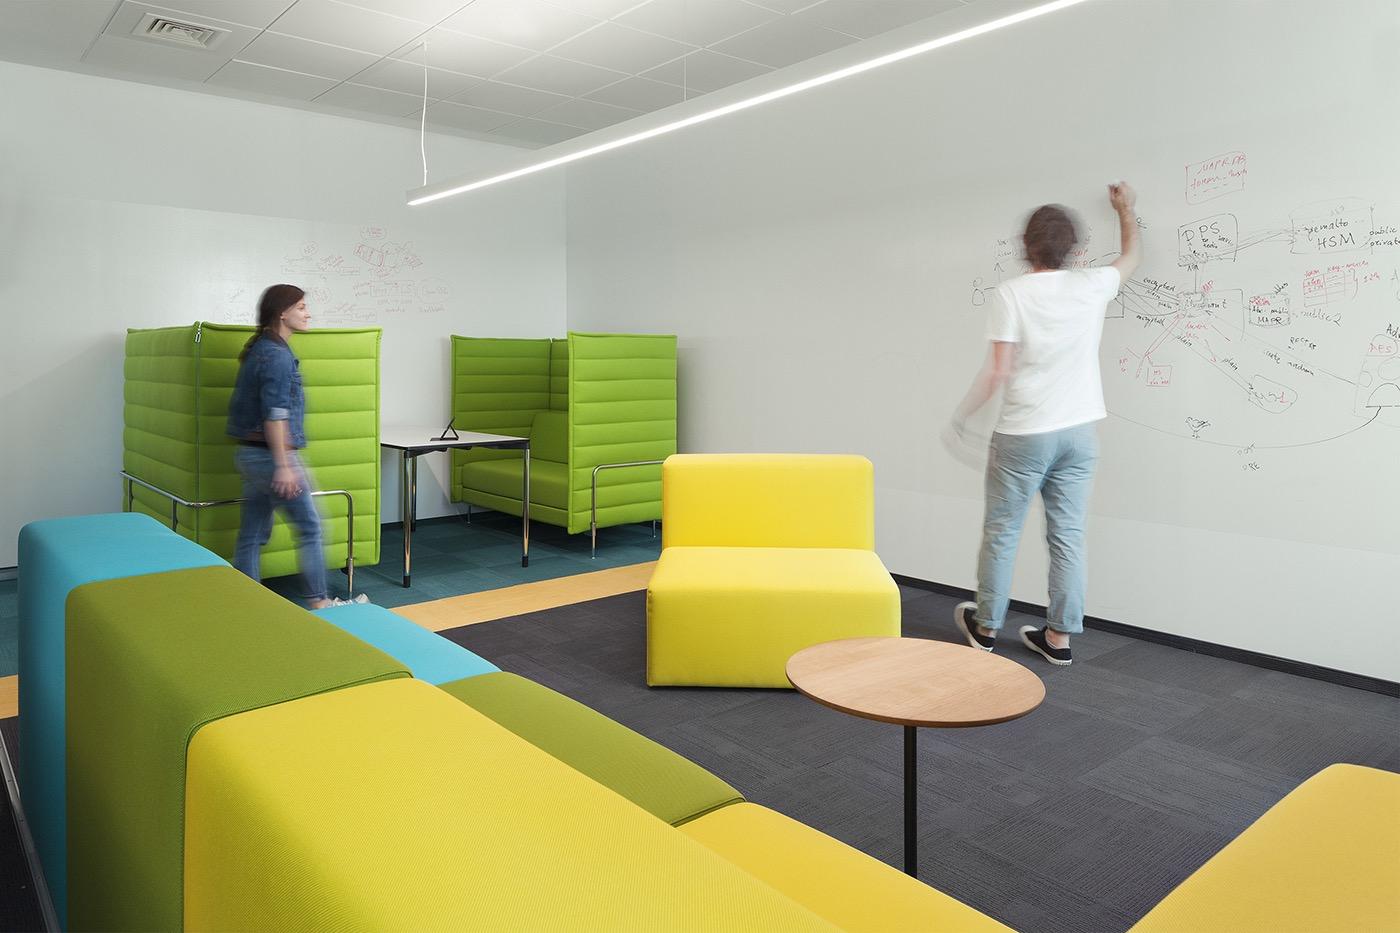 paysafe-new-sofia-office-4